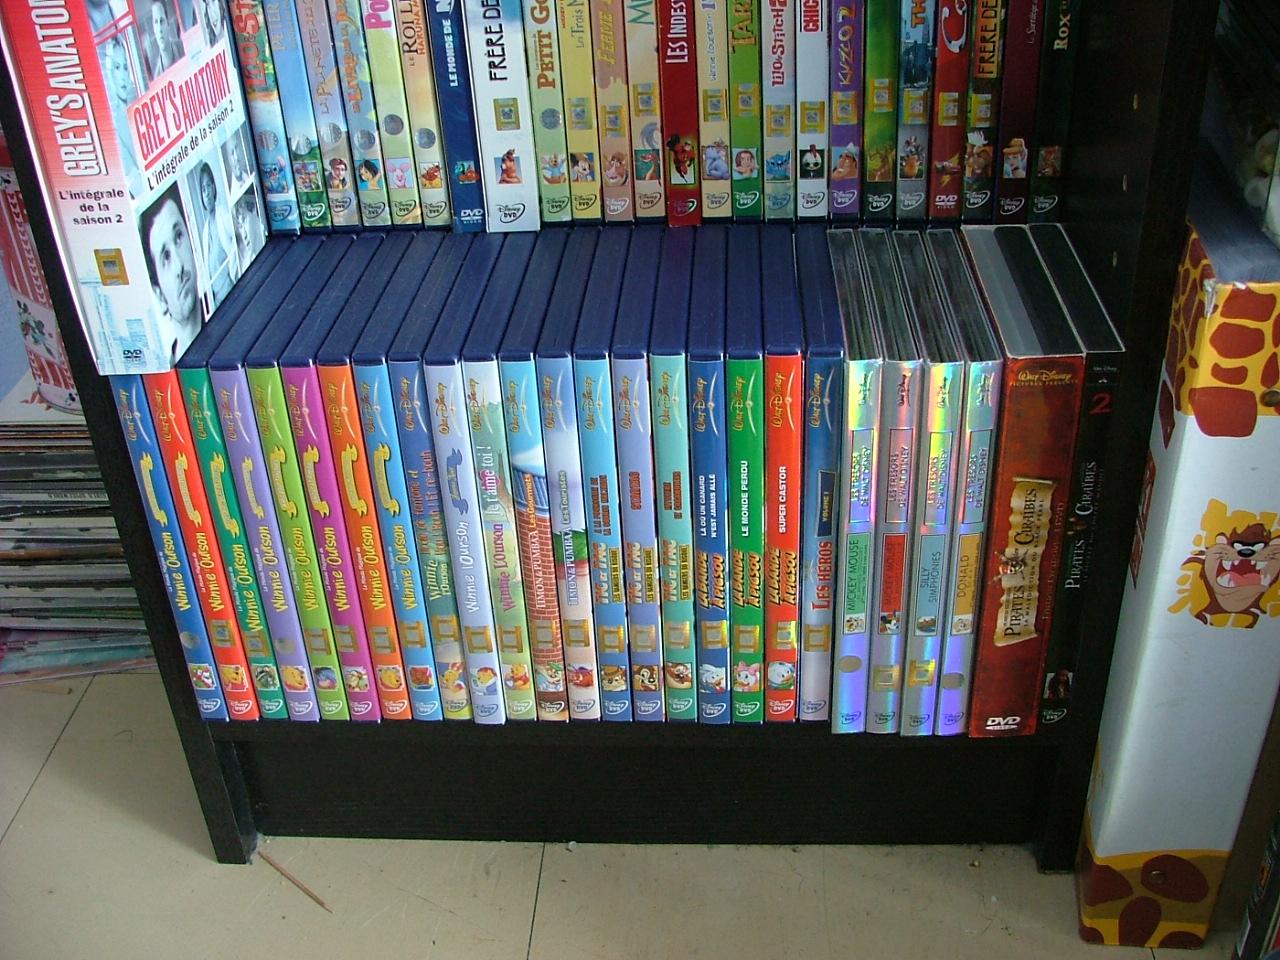 Postez les photos de votre collection de DVD Disney ! - Page 3 51ee91b13c